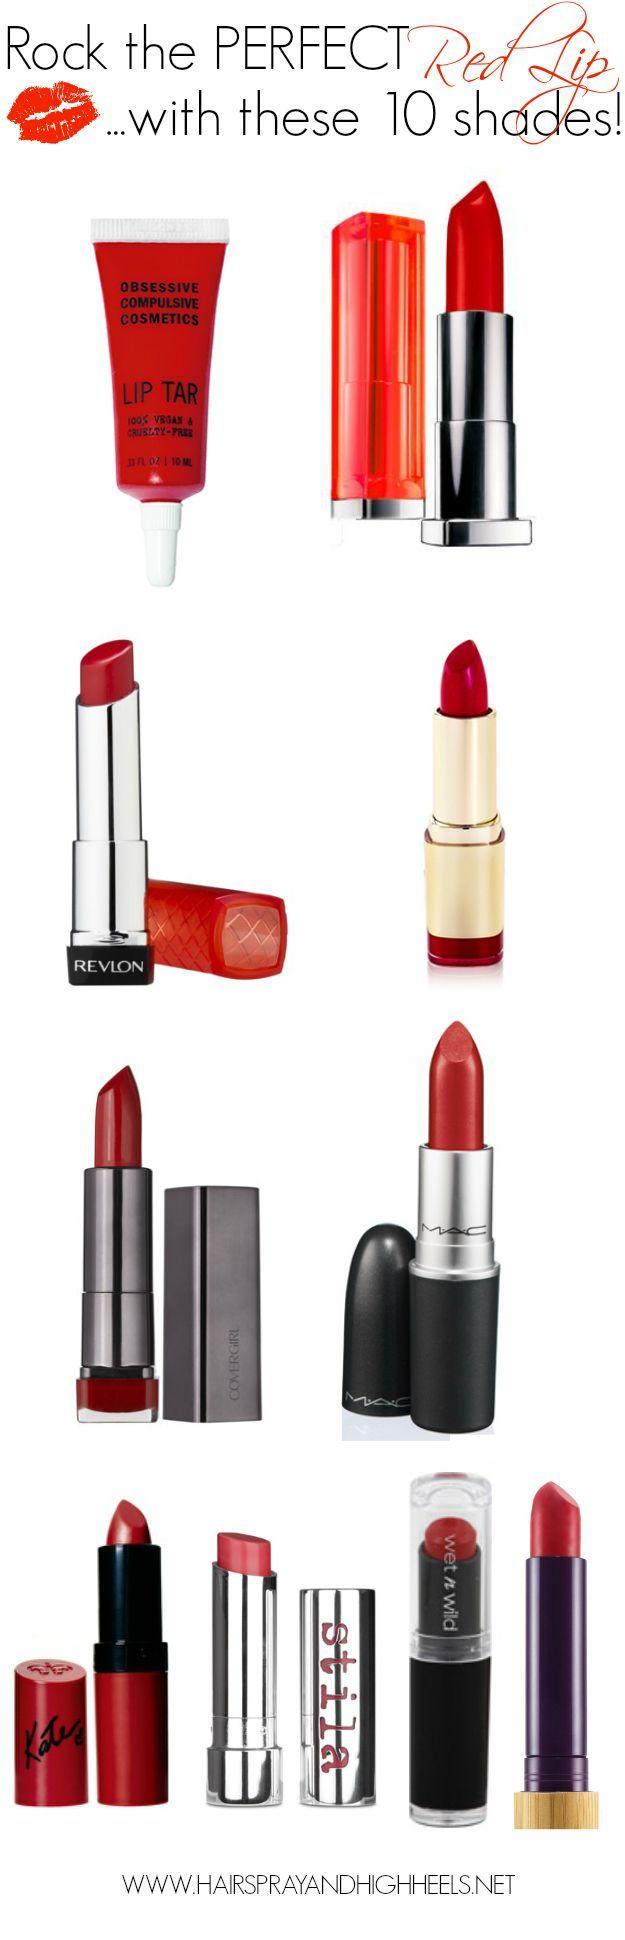 Top 10 Red Lipstick Picks for Fall! #beauty #makeup #lipsticks